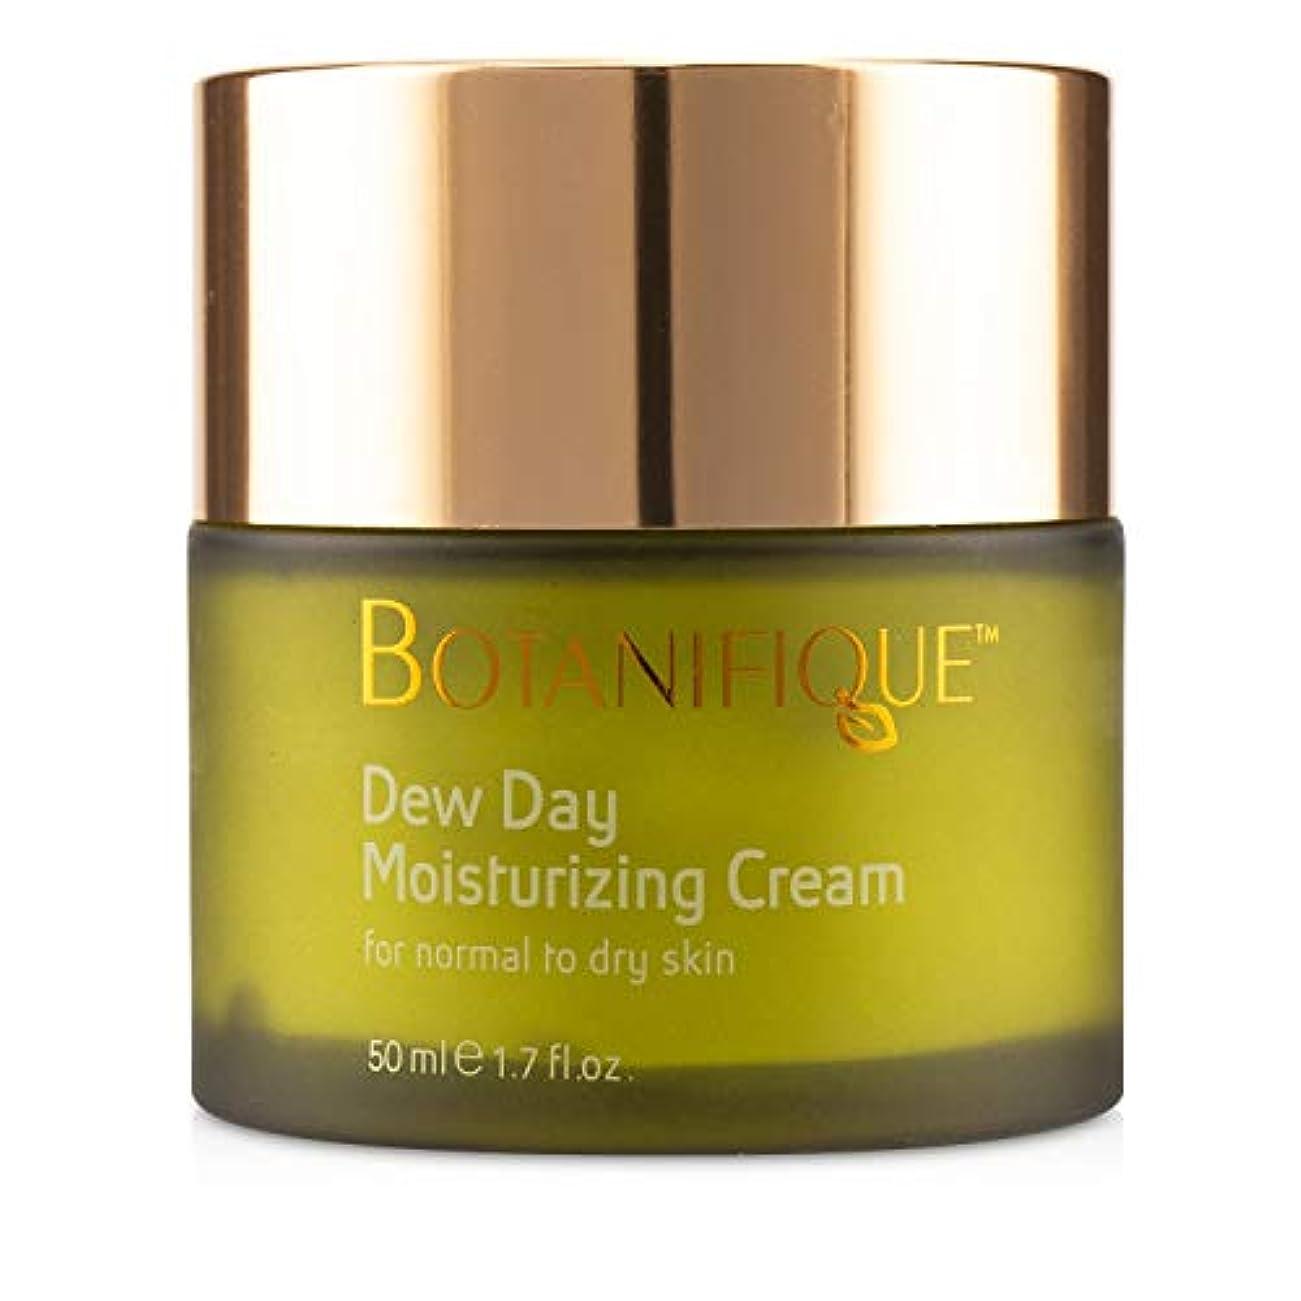 洗う撃退する物質Botanifique Dew Day Moisturizing Cream - For Normal to Dry Skin 50ml/1.7oz並行輸入品